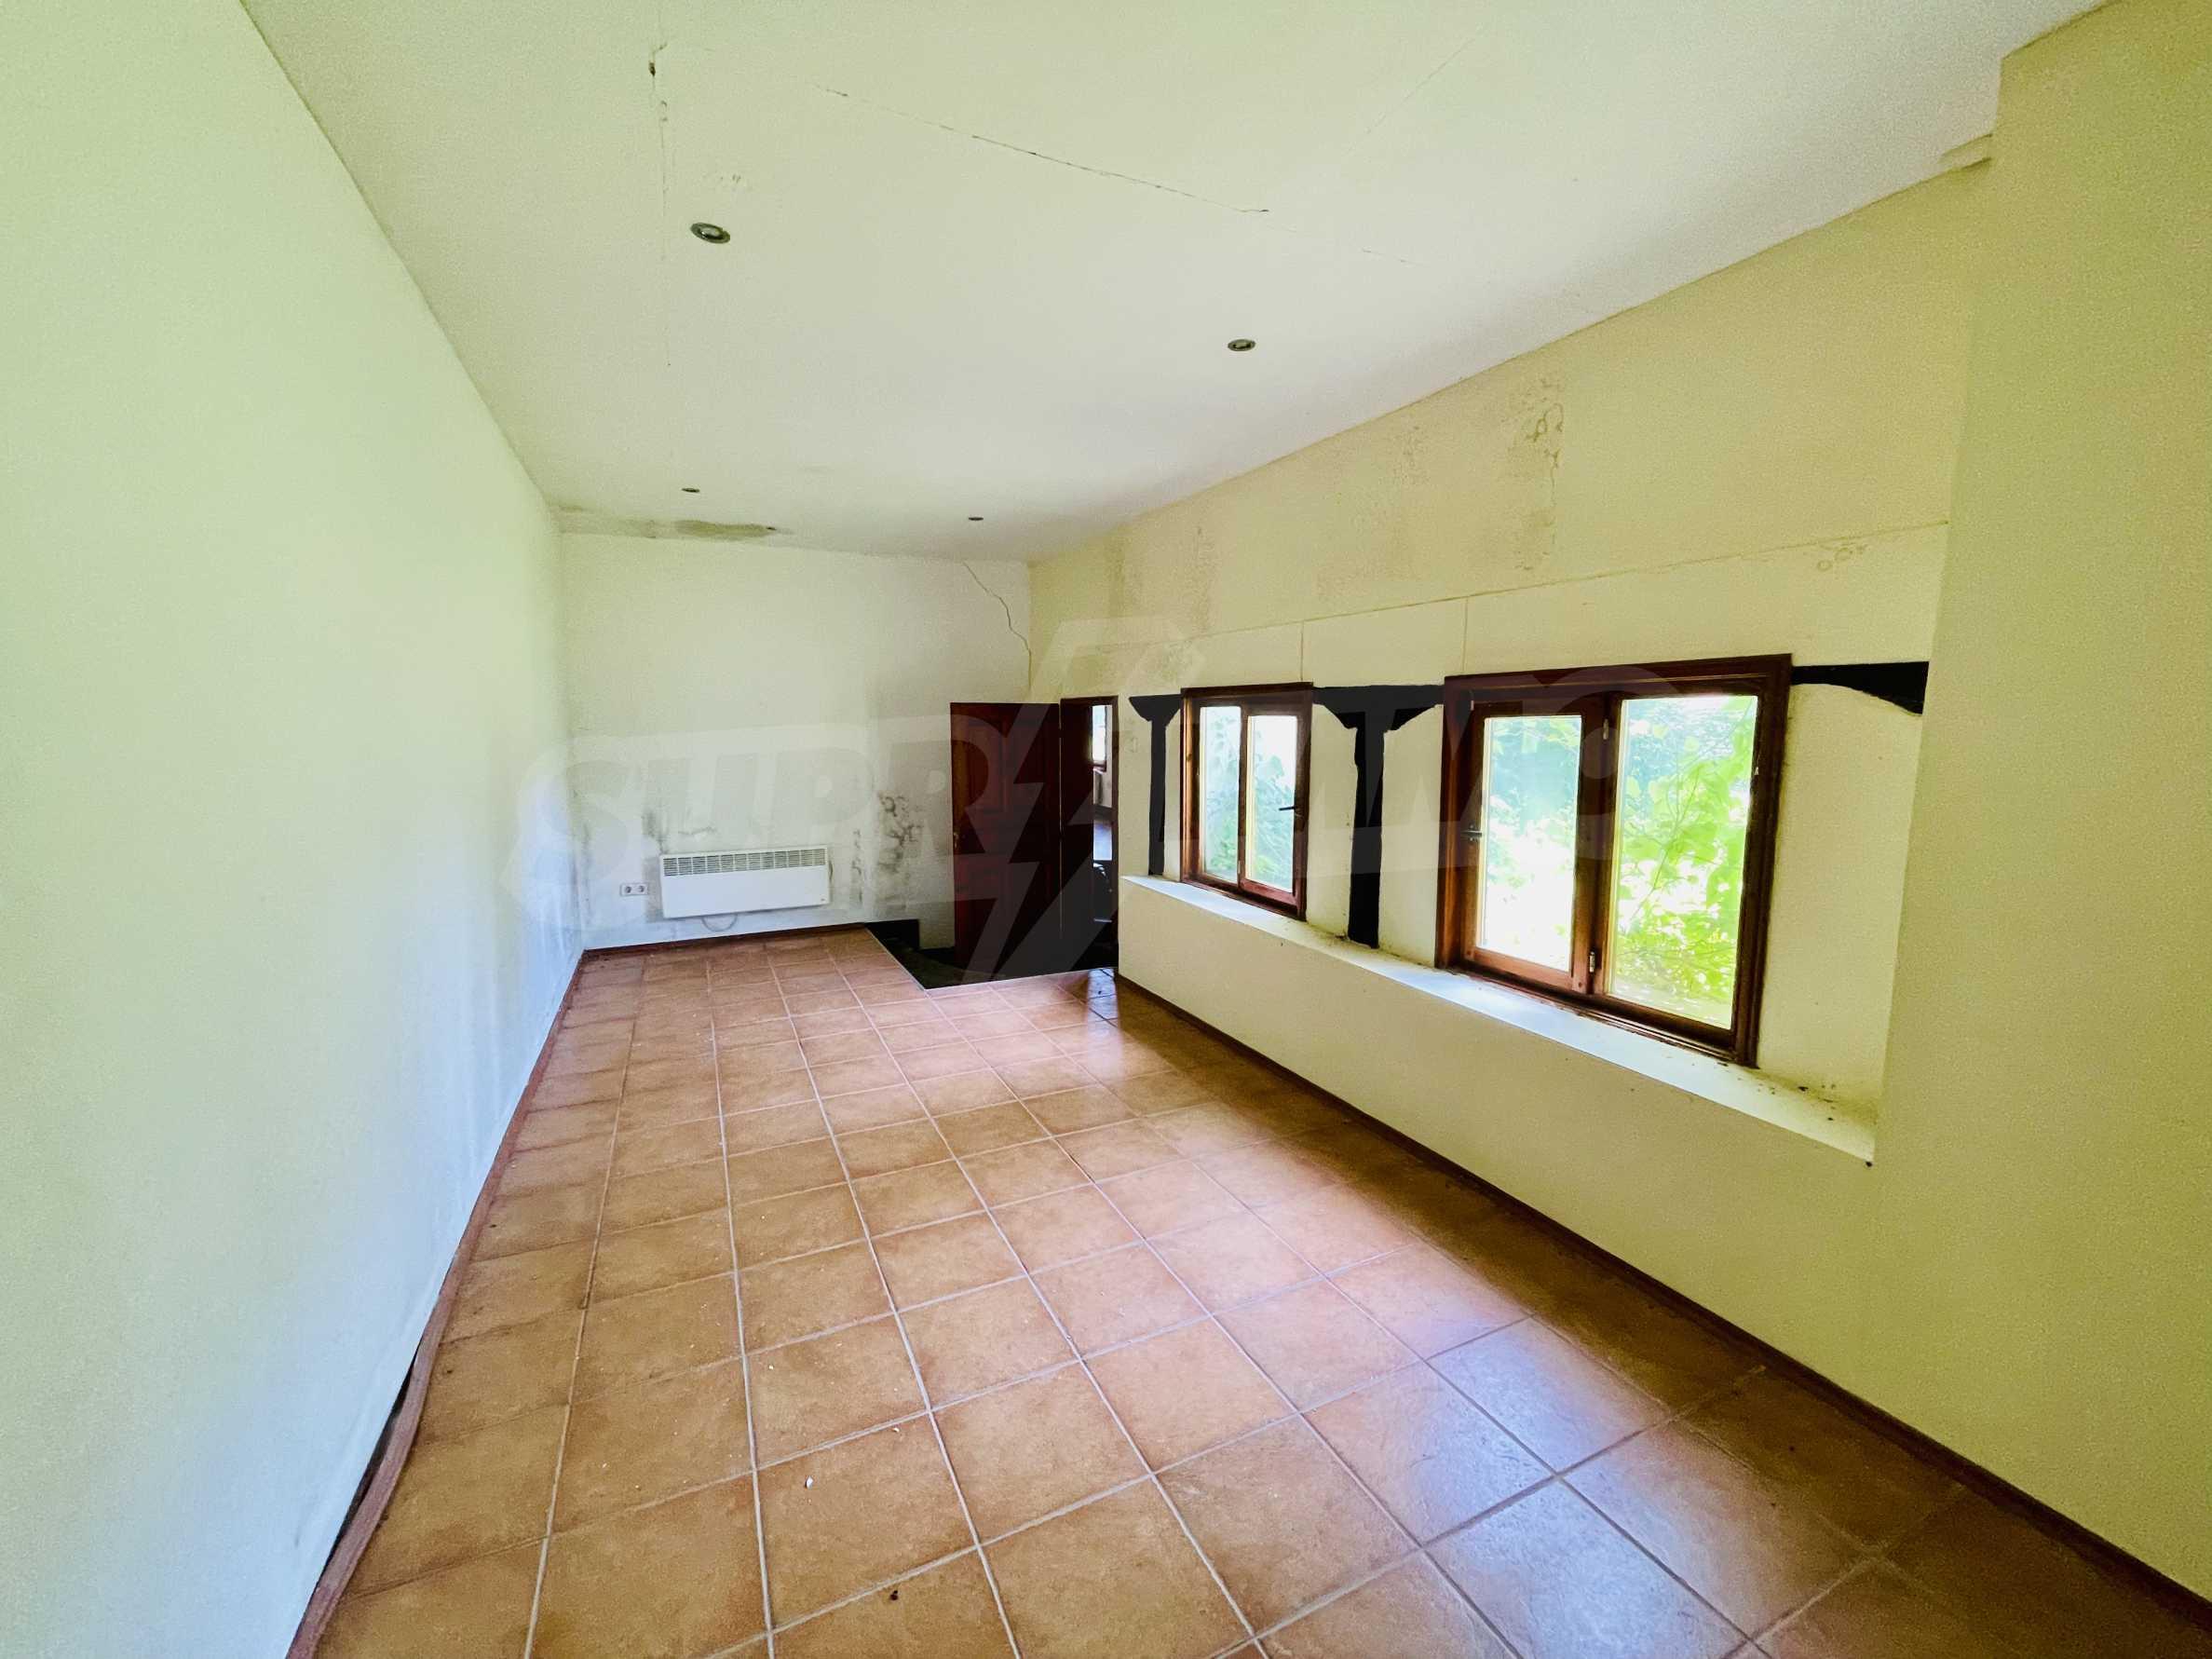 Komplett renoviertes und bezugsfertiges Haus 8